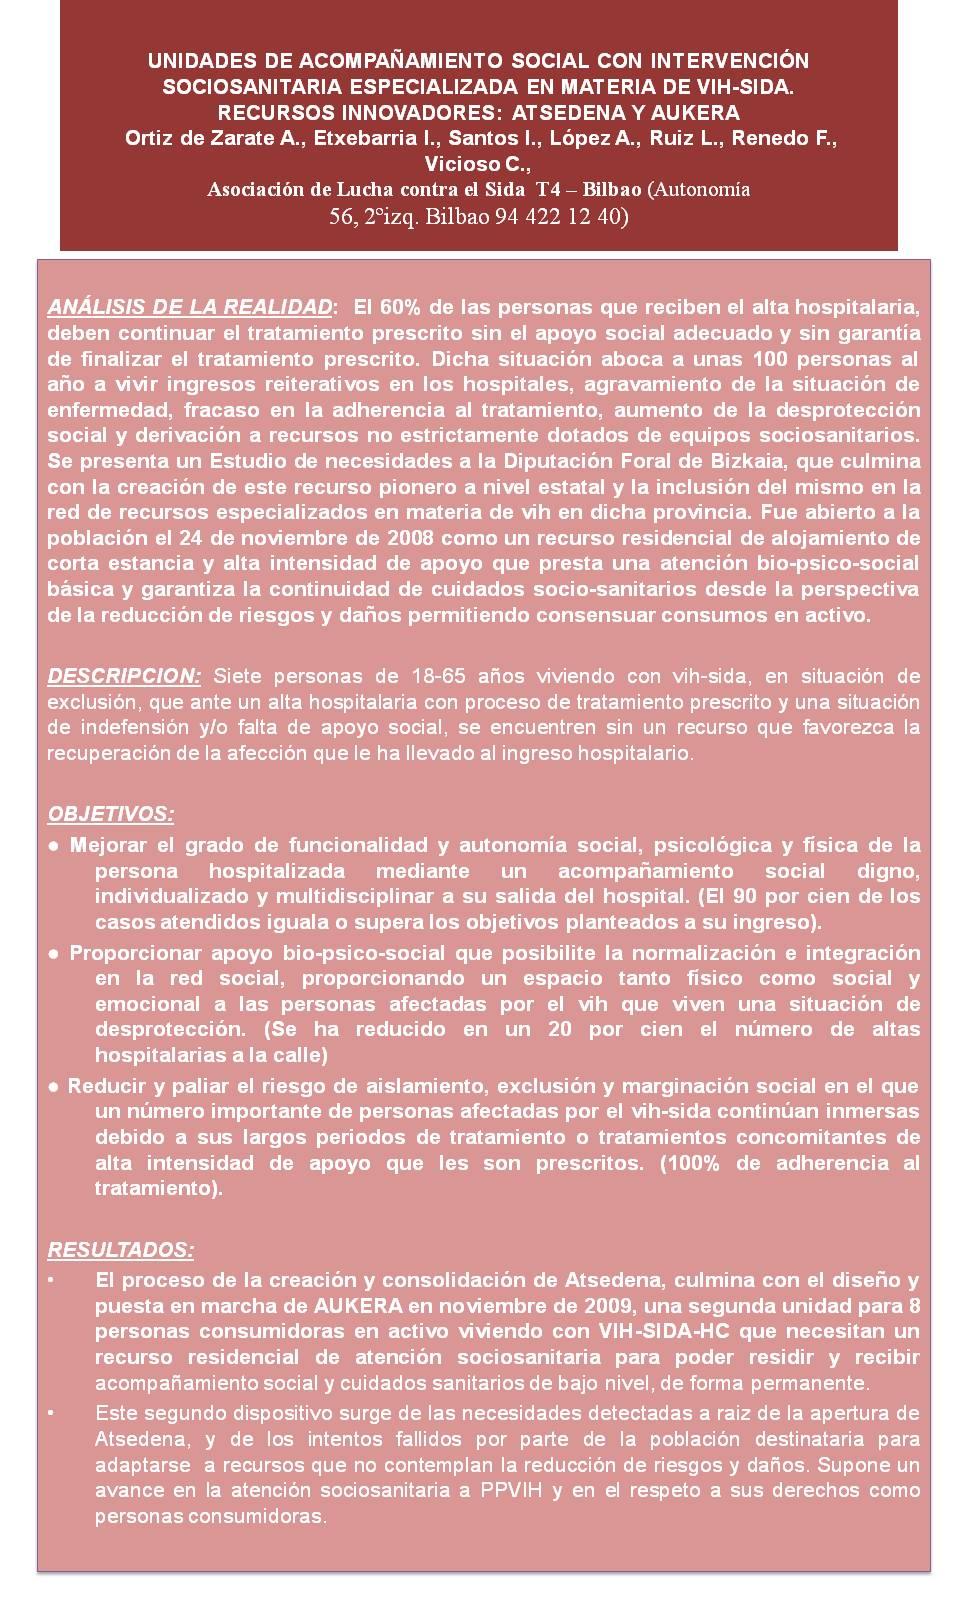 CENTROS RESIDENCIALES. Poster Seisida 2010 reducido.